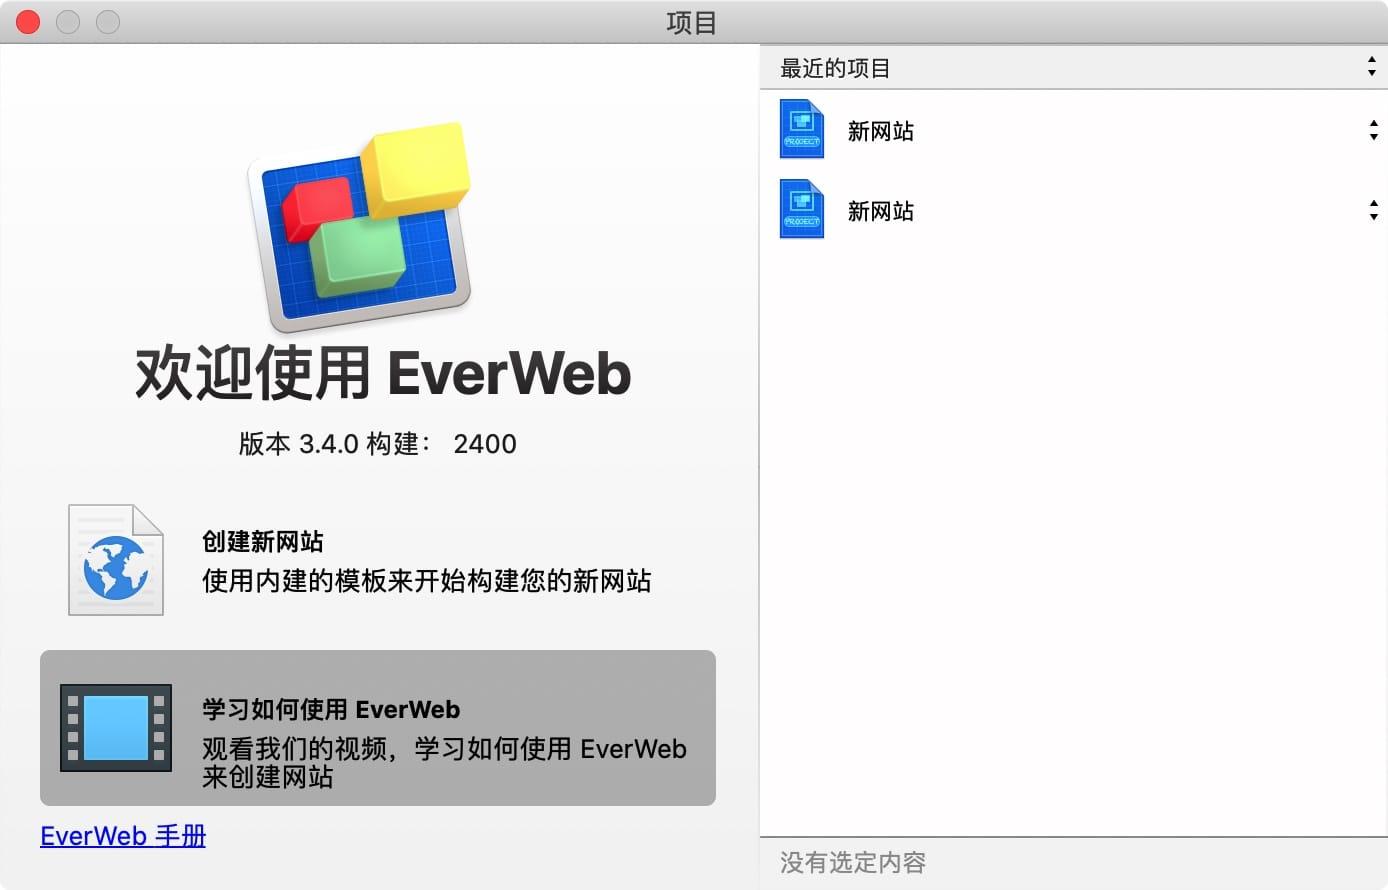 EverWeb 编程开发 第1张